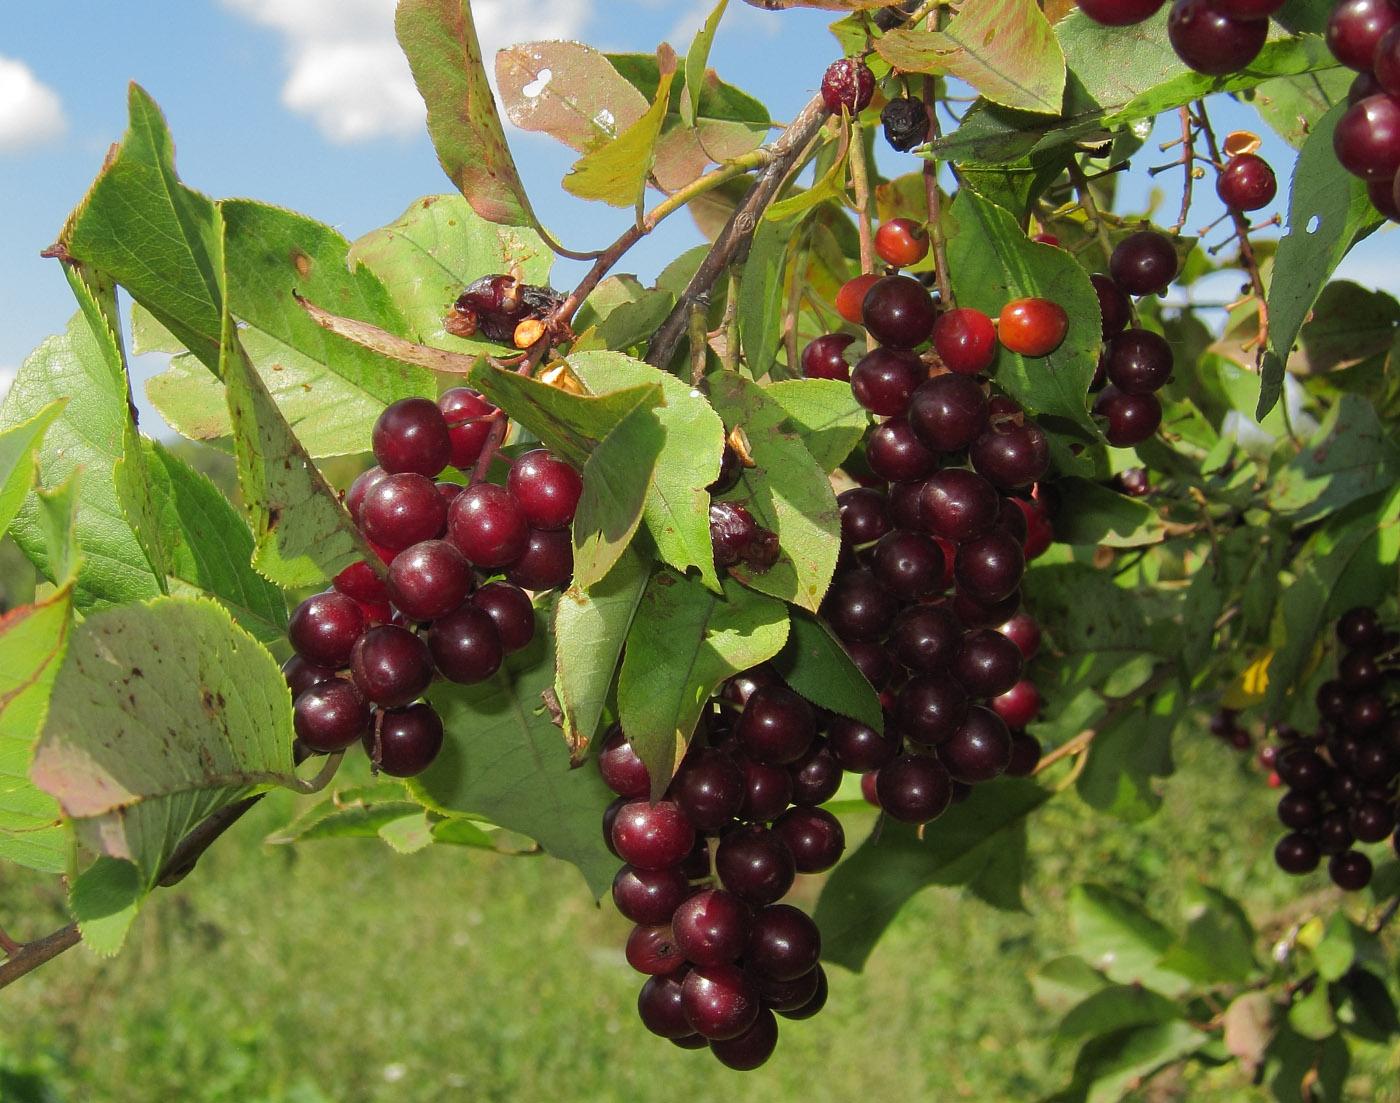 Гибрид вишни и черемухи (церападус): сорта, со смородиной